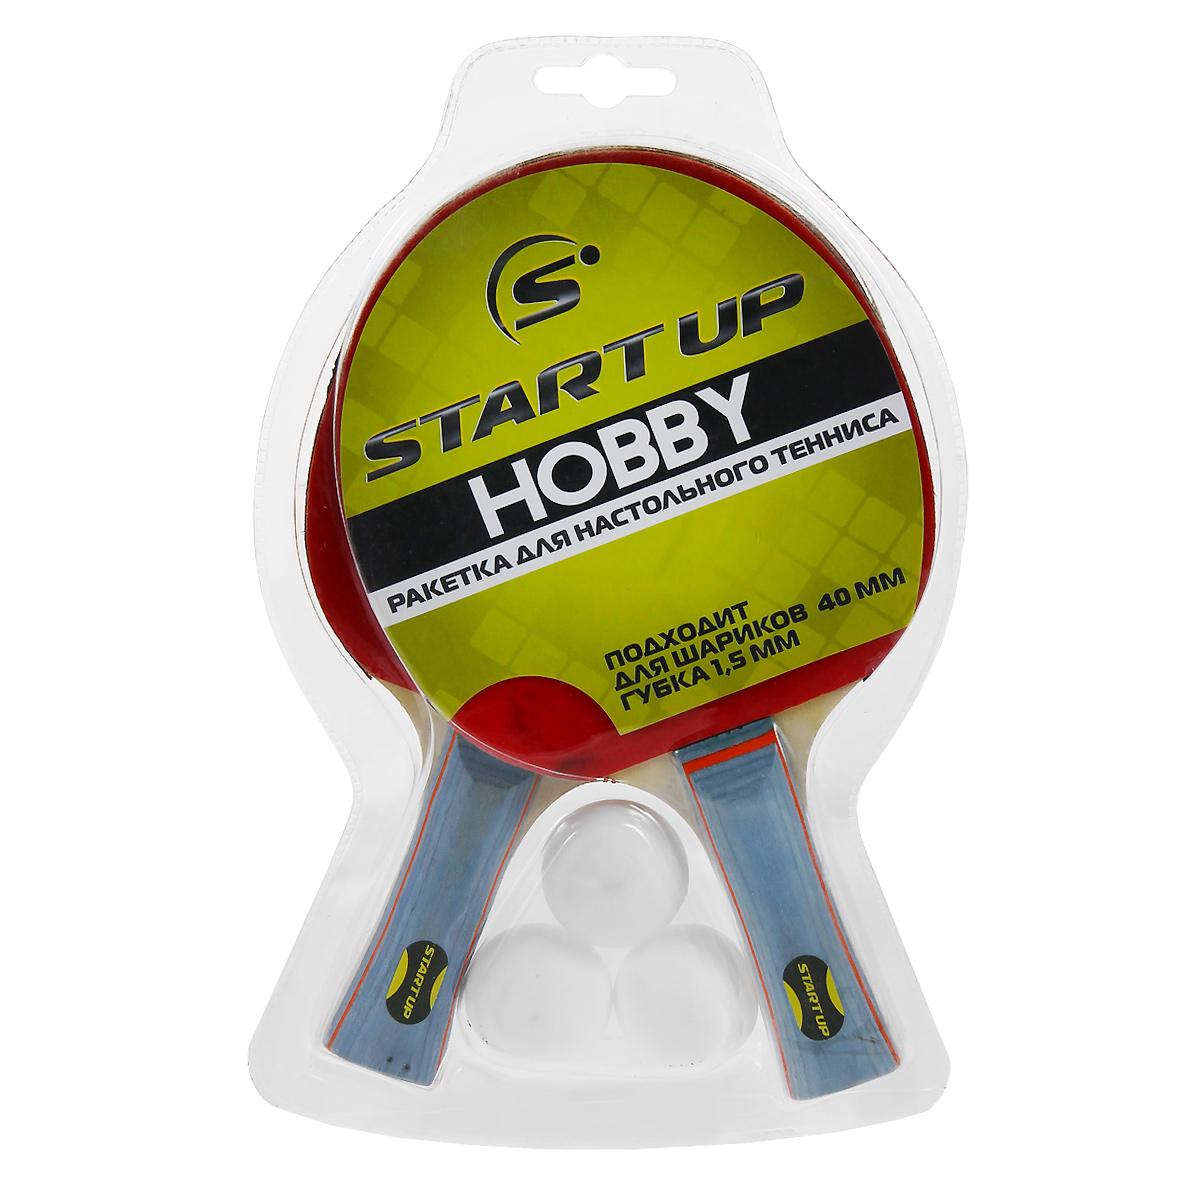 Набор для настольного тенниса Start Up, 5 предметов230925Набор для настольного тенниса Start Up включает в себя 2 ракетки и 3 белых мячика, предназначен для начинающих игроков и любителей. Основание ракетки выполнено из дерева, накладка из резины толщиной 1,5 мм. Шары диаметром 40 мм. Настольный теннис - спортивная игра, основанная на перекидывании мяча ракетками через игровой стол с сеткой, цель которой - не дать противнику отбить мяч. Игра в настольный теннис развивает концентрацию внимания, ловкость и координацию.